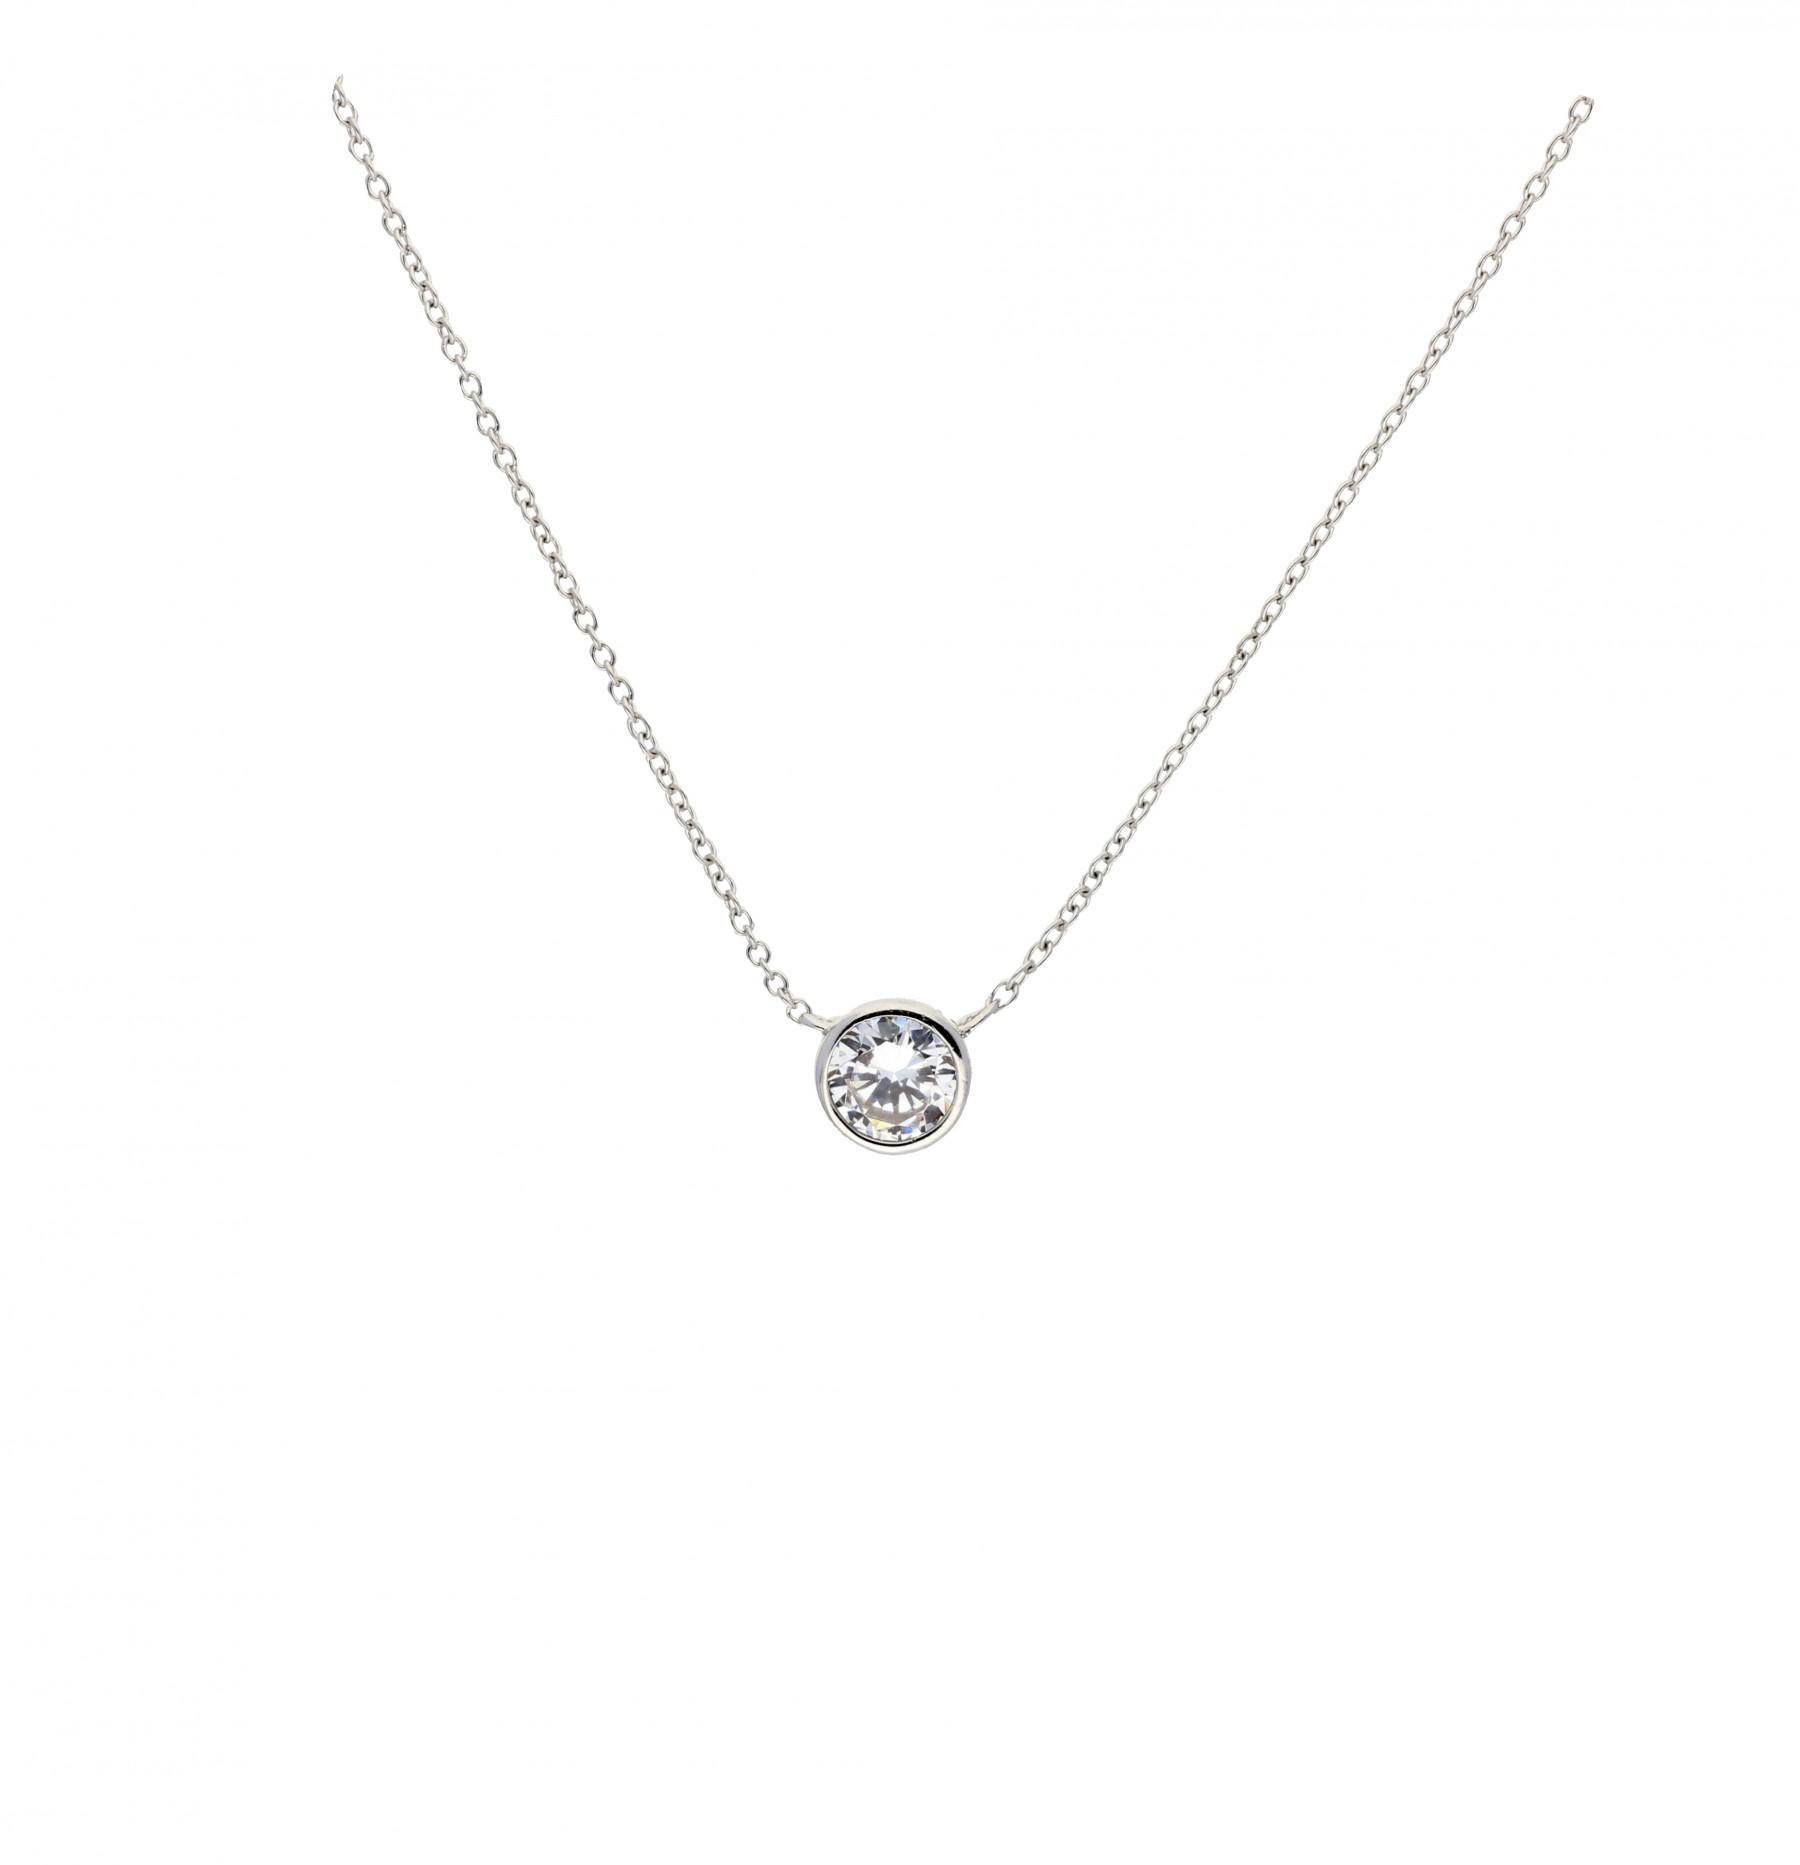 Diamonfire Zilveren Hanger Inclusief Collier Carat - 1.00ct Kastzetting 45cm 803.0398.45